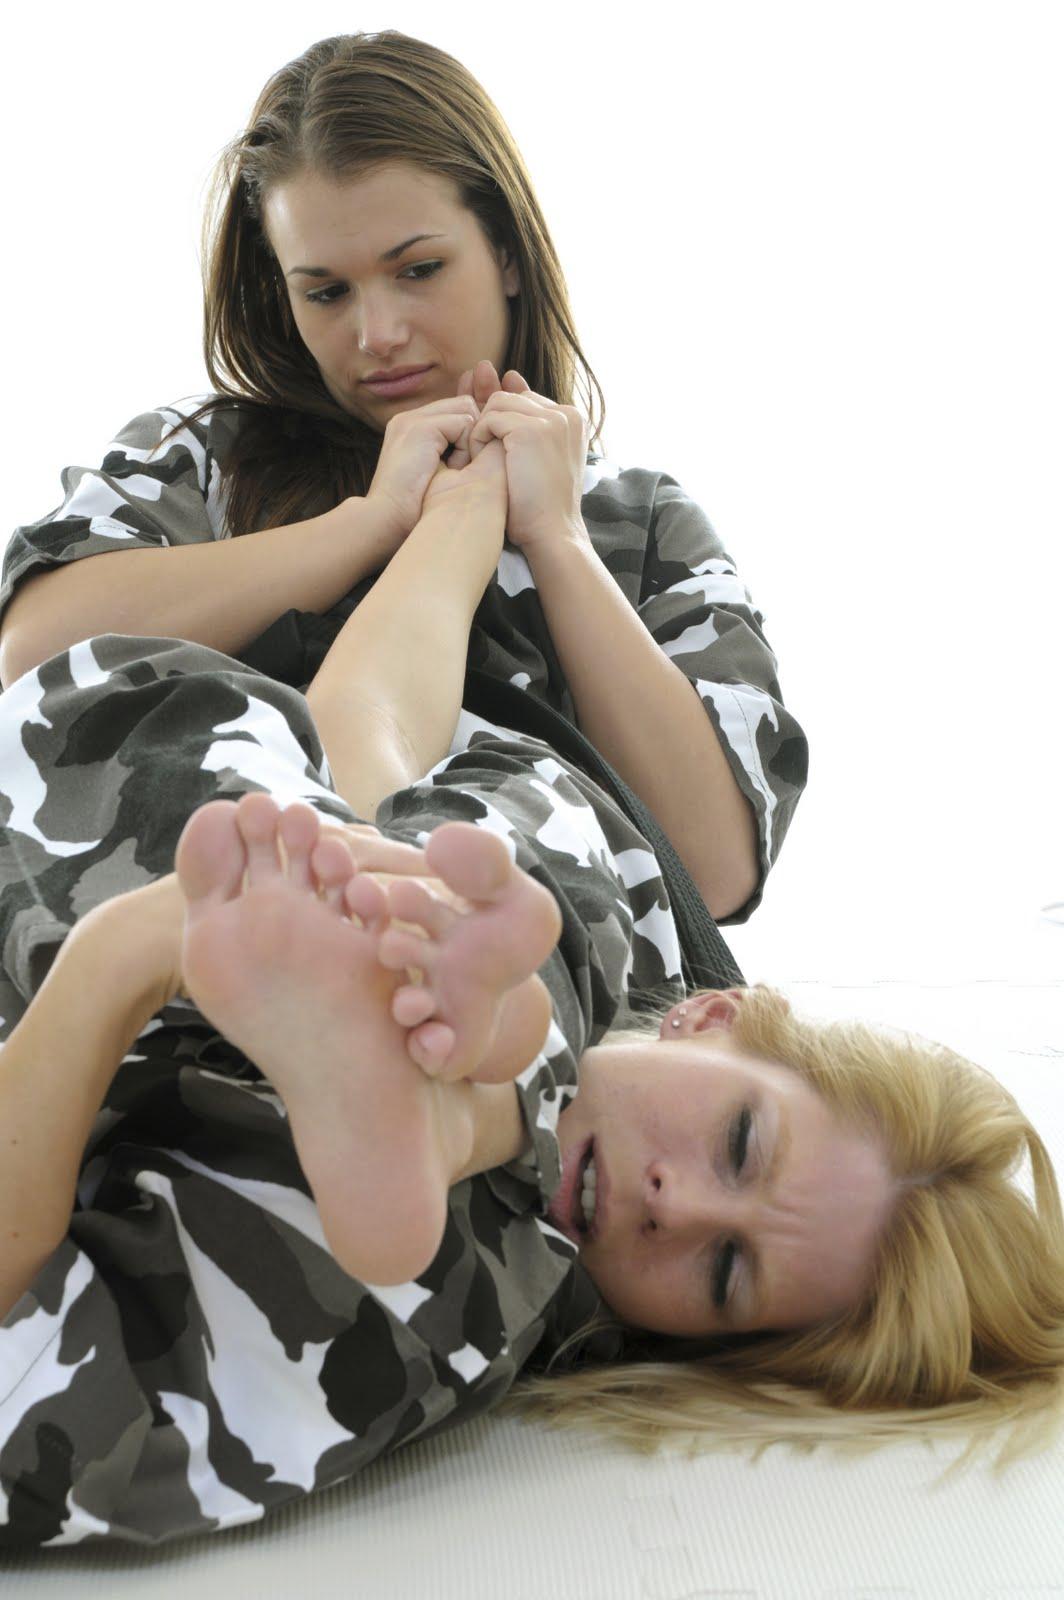 http://1.bp.blogspot.com/_vB_rBiiPsVo/TTabs4vFQvI/AAAAAAAALVI/9rt9Nh20Yvo/s1600/img-womenbjj.jpg